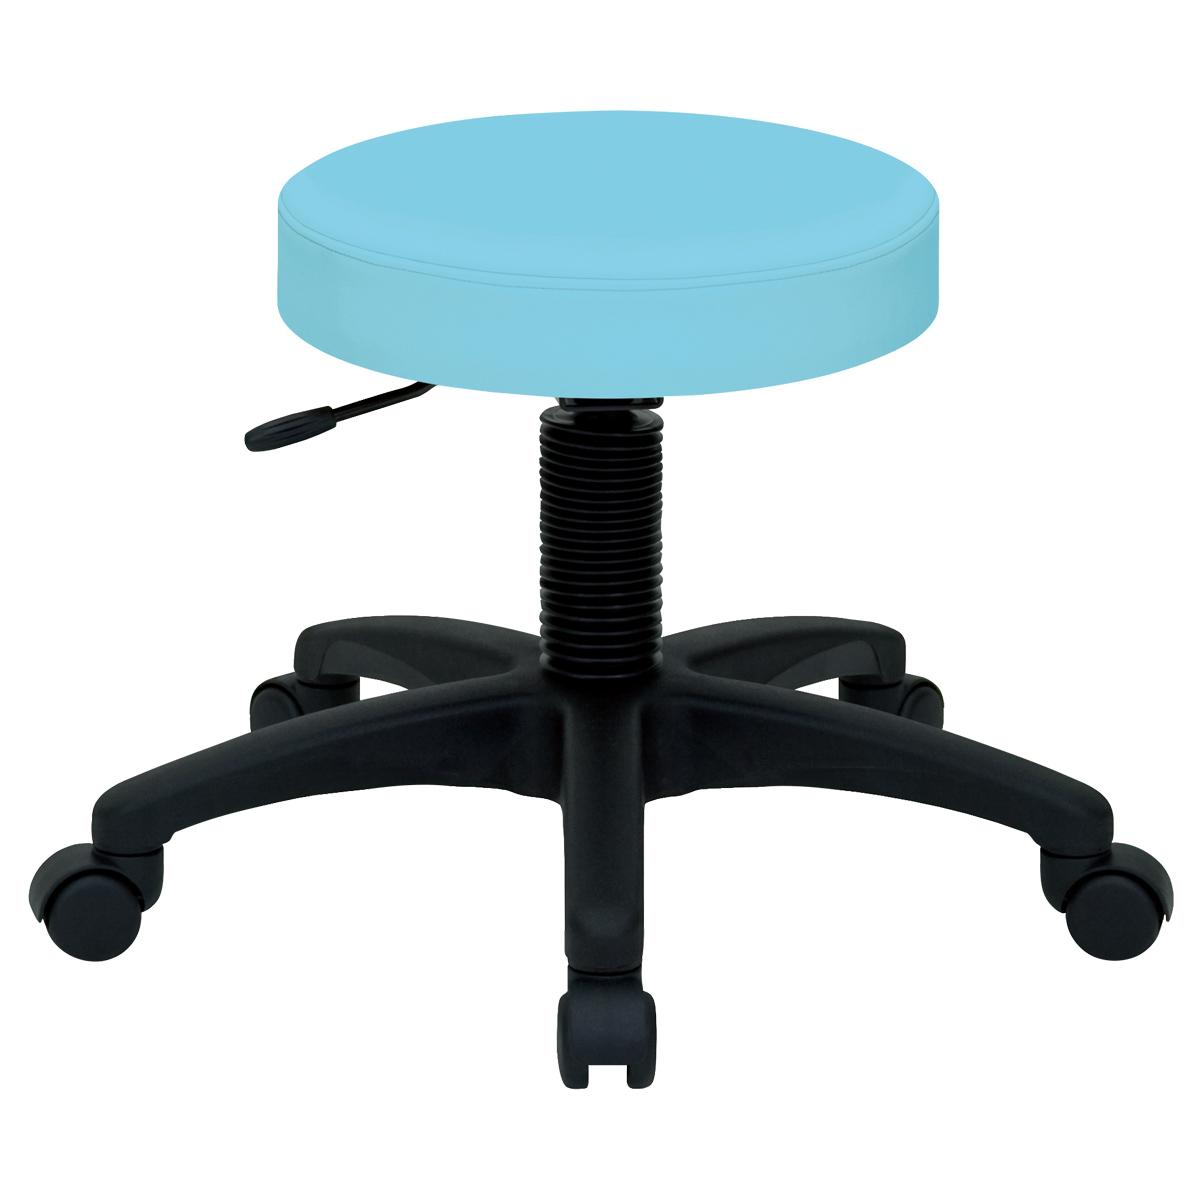 ホスピタルチェア W530 D550 H420-500 アクア チェア ミーティングチェア スツール 椅子 ラウンジチェア キャスター オフィス メーカー アルコール デザイン 丸